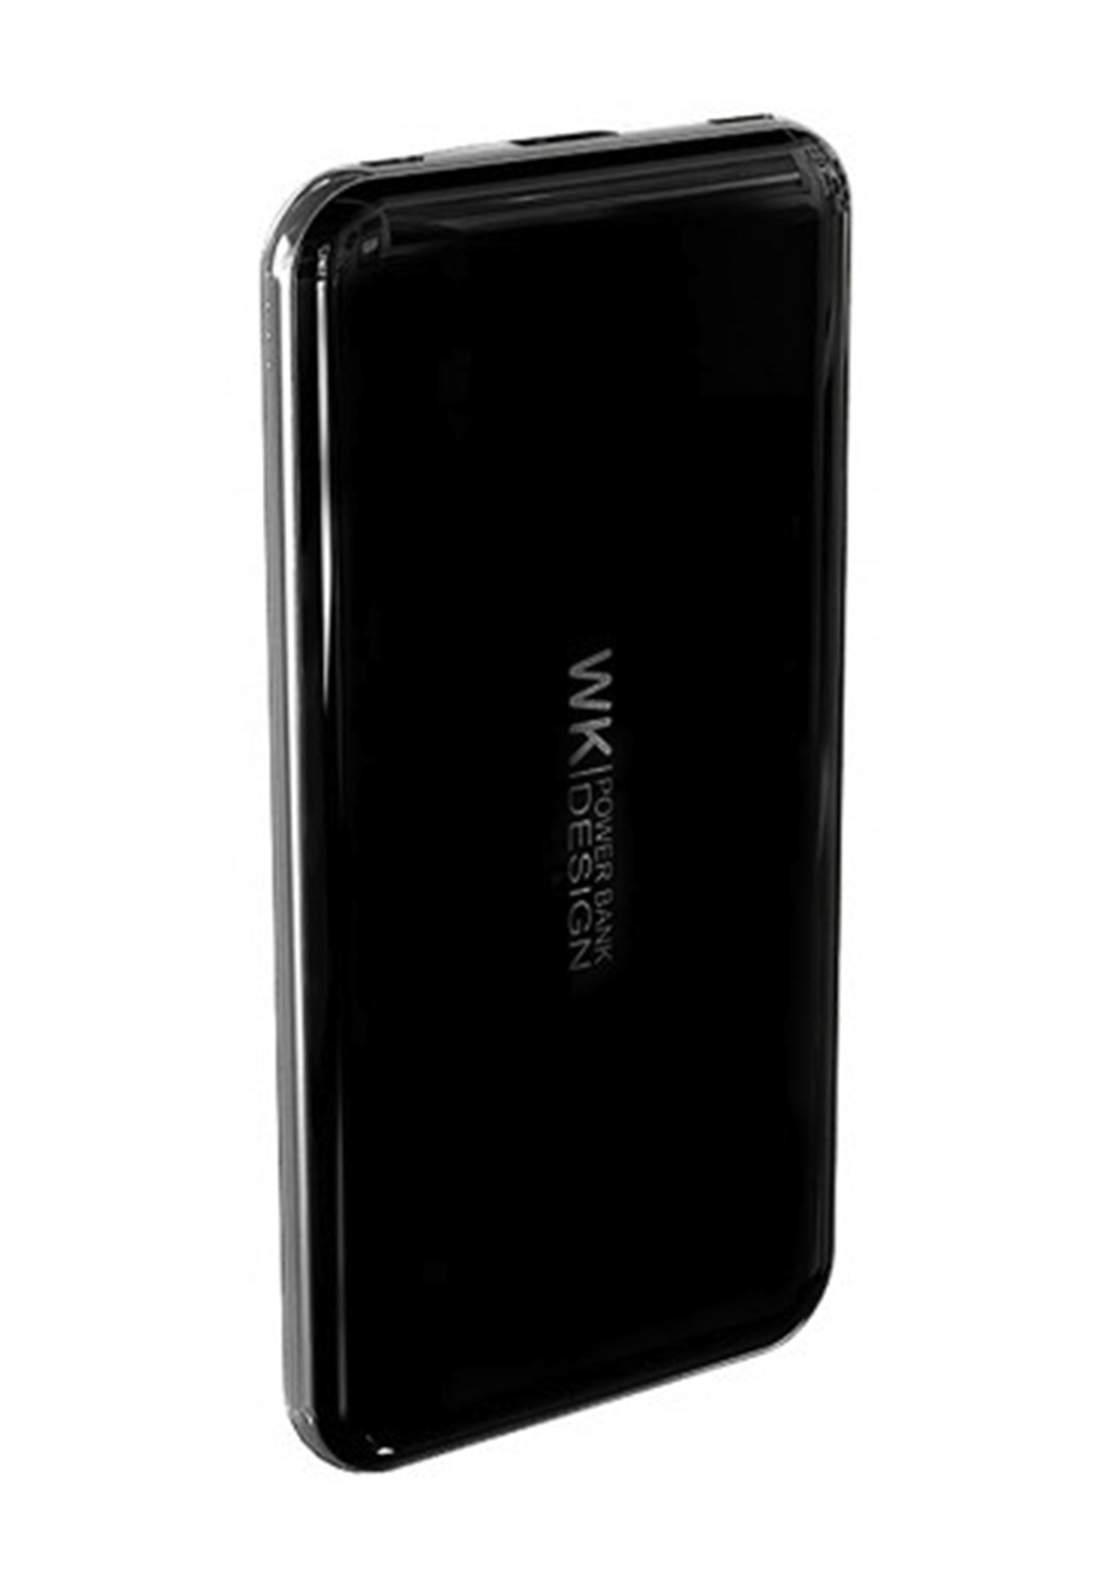 WK WP-081 10000 mAh Slim Power Bank - Black شاحن محمول